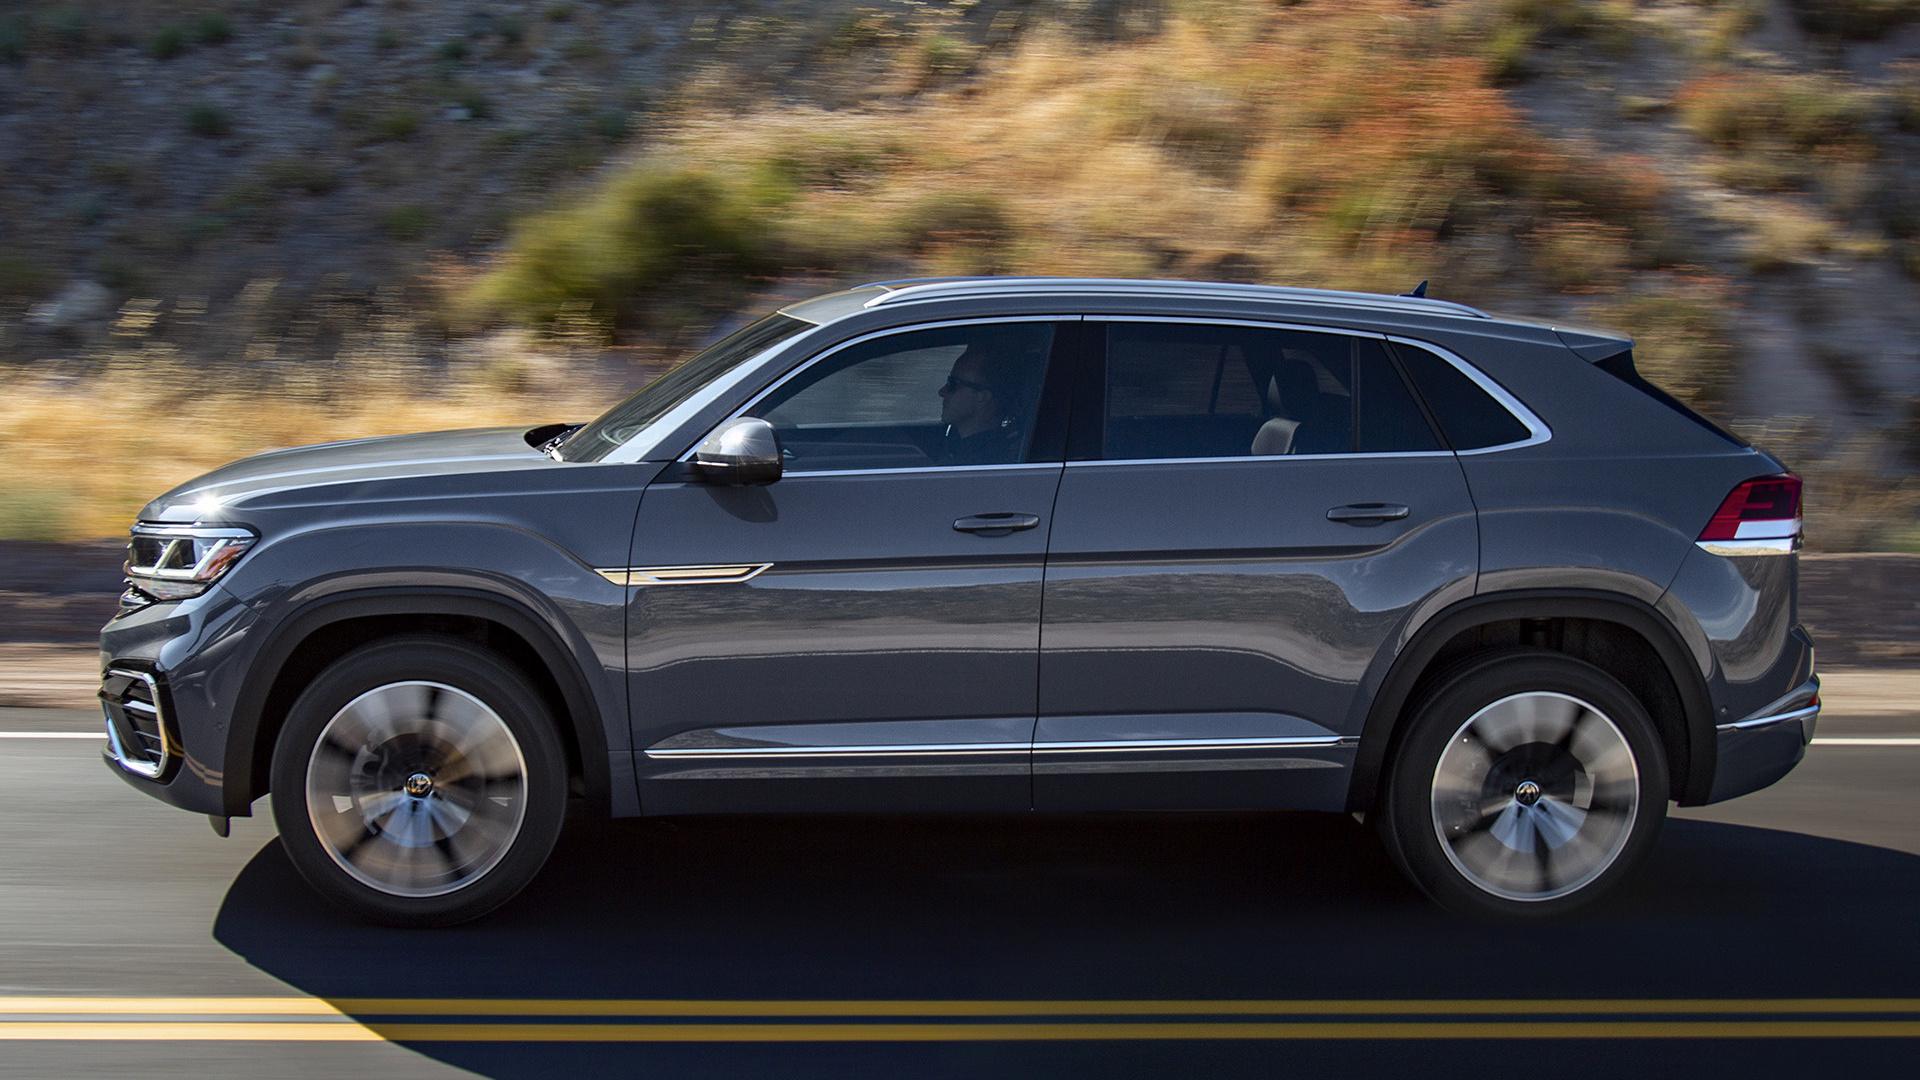 2020 Volkswagen Atlas Cross Sport R-Line - Wallpapers and ...